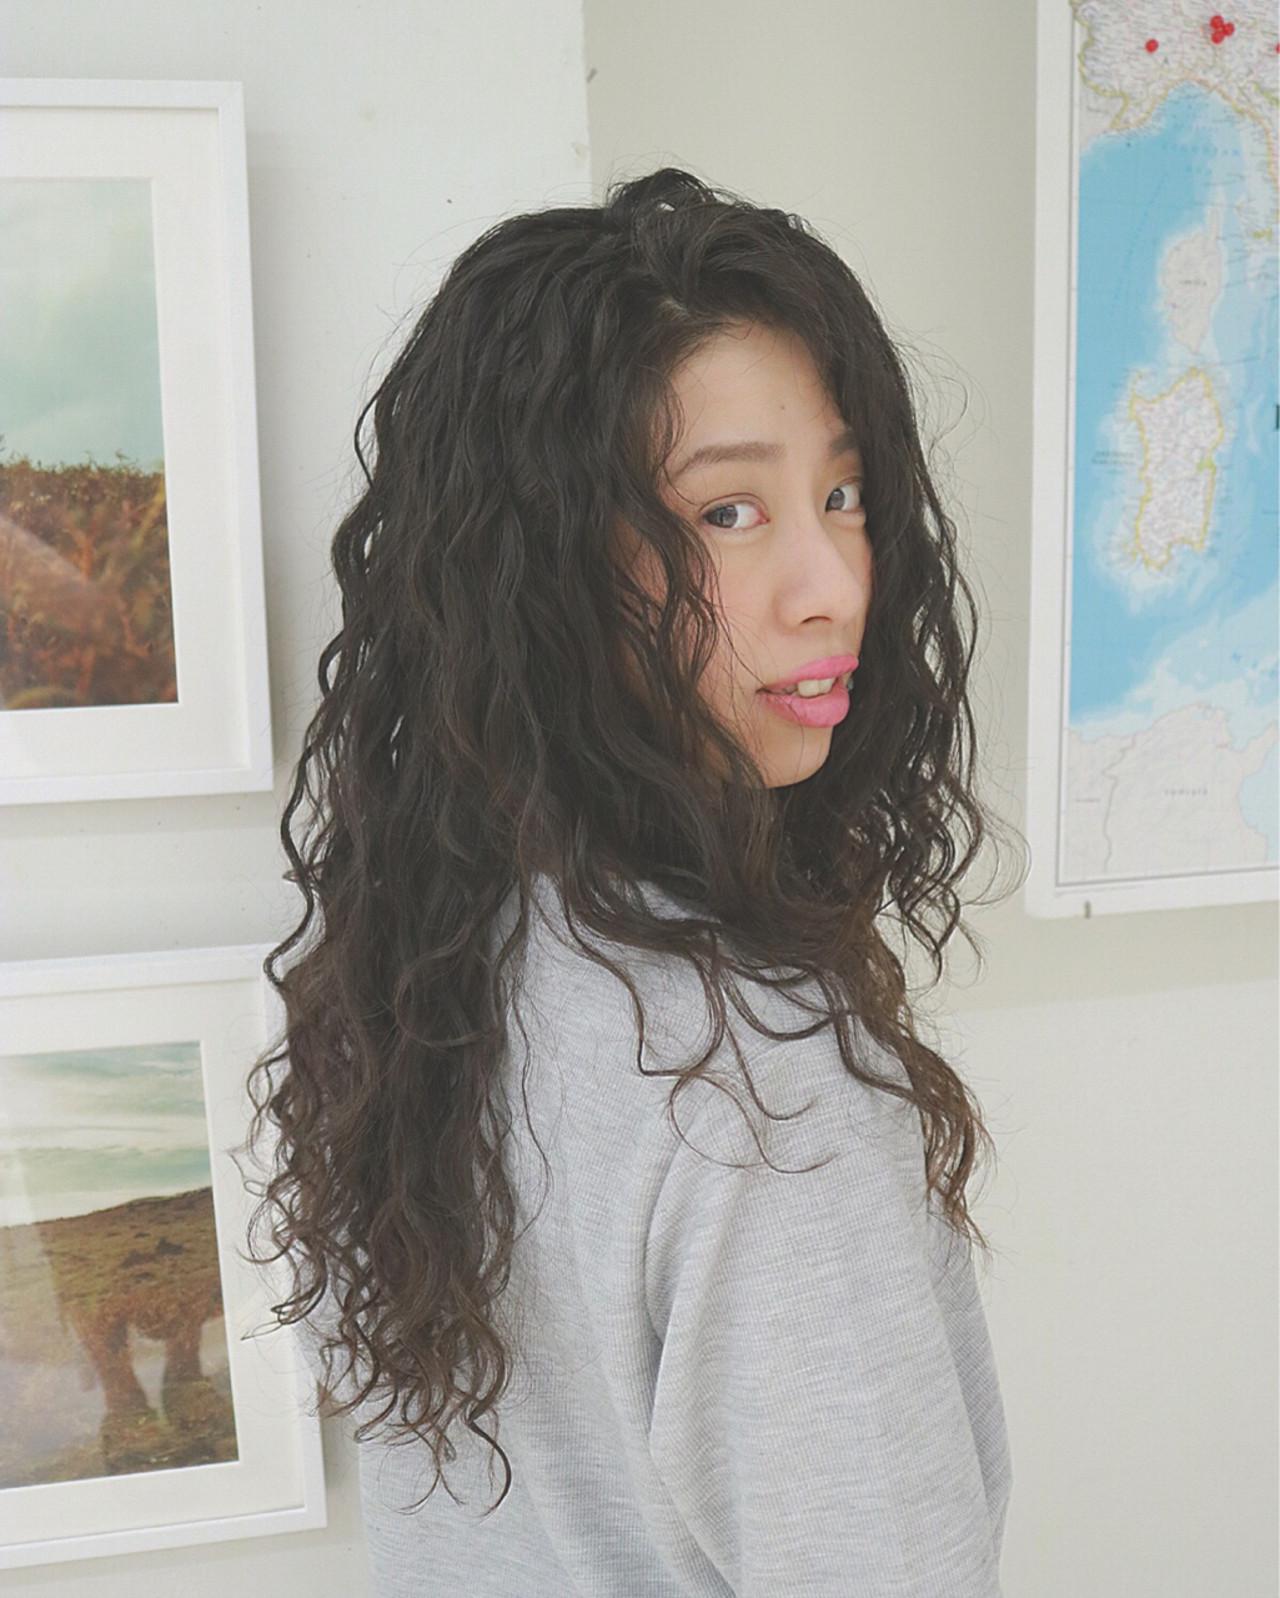 バレイヤージュ パーマ ツイスト ストリート ヘアスタイルや髪型の写真・画像